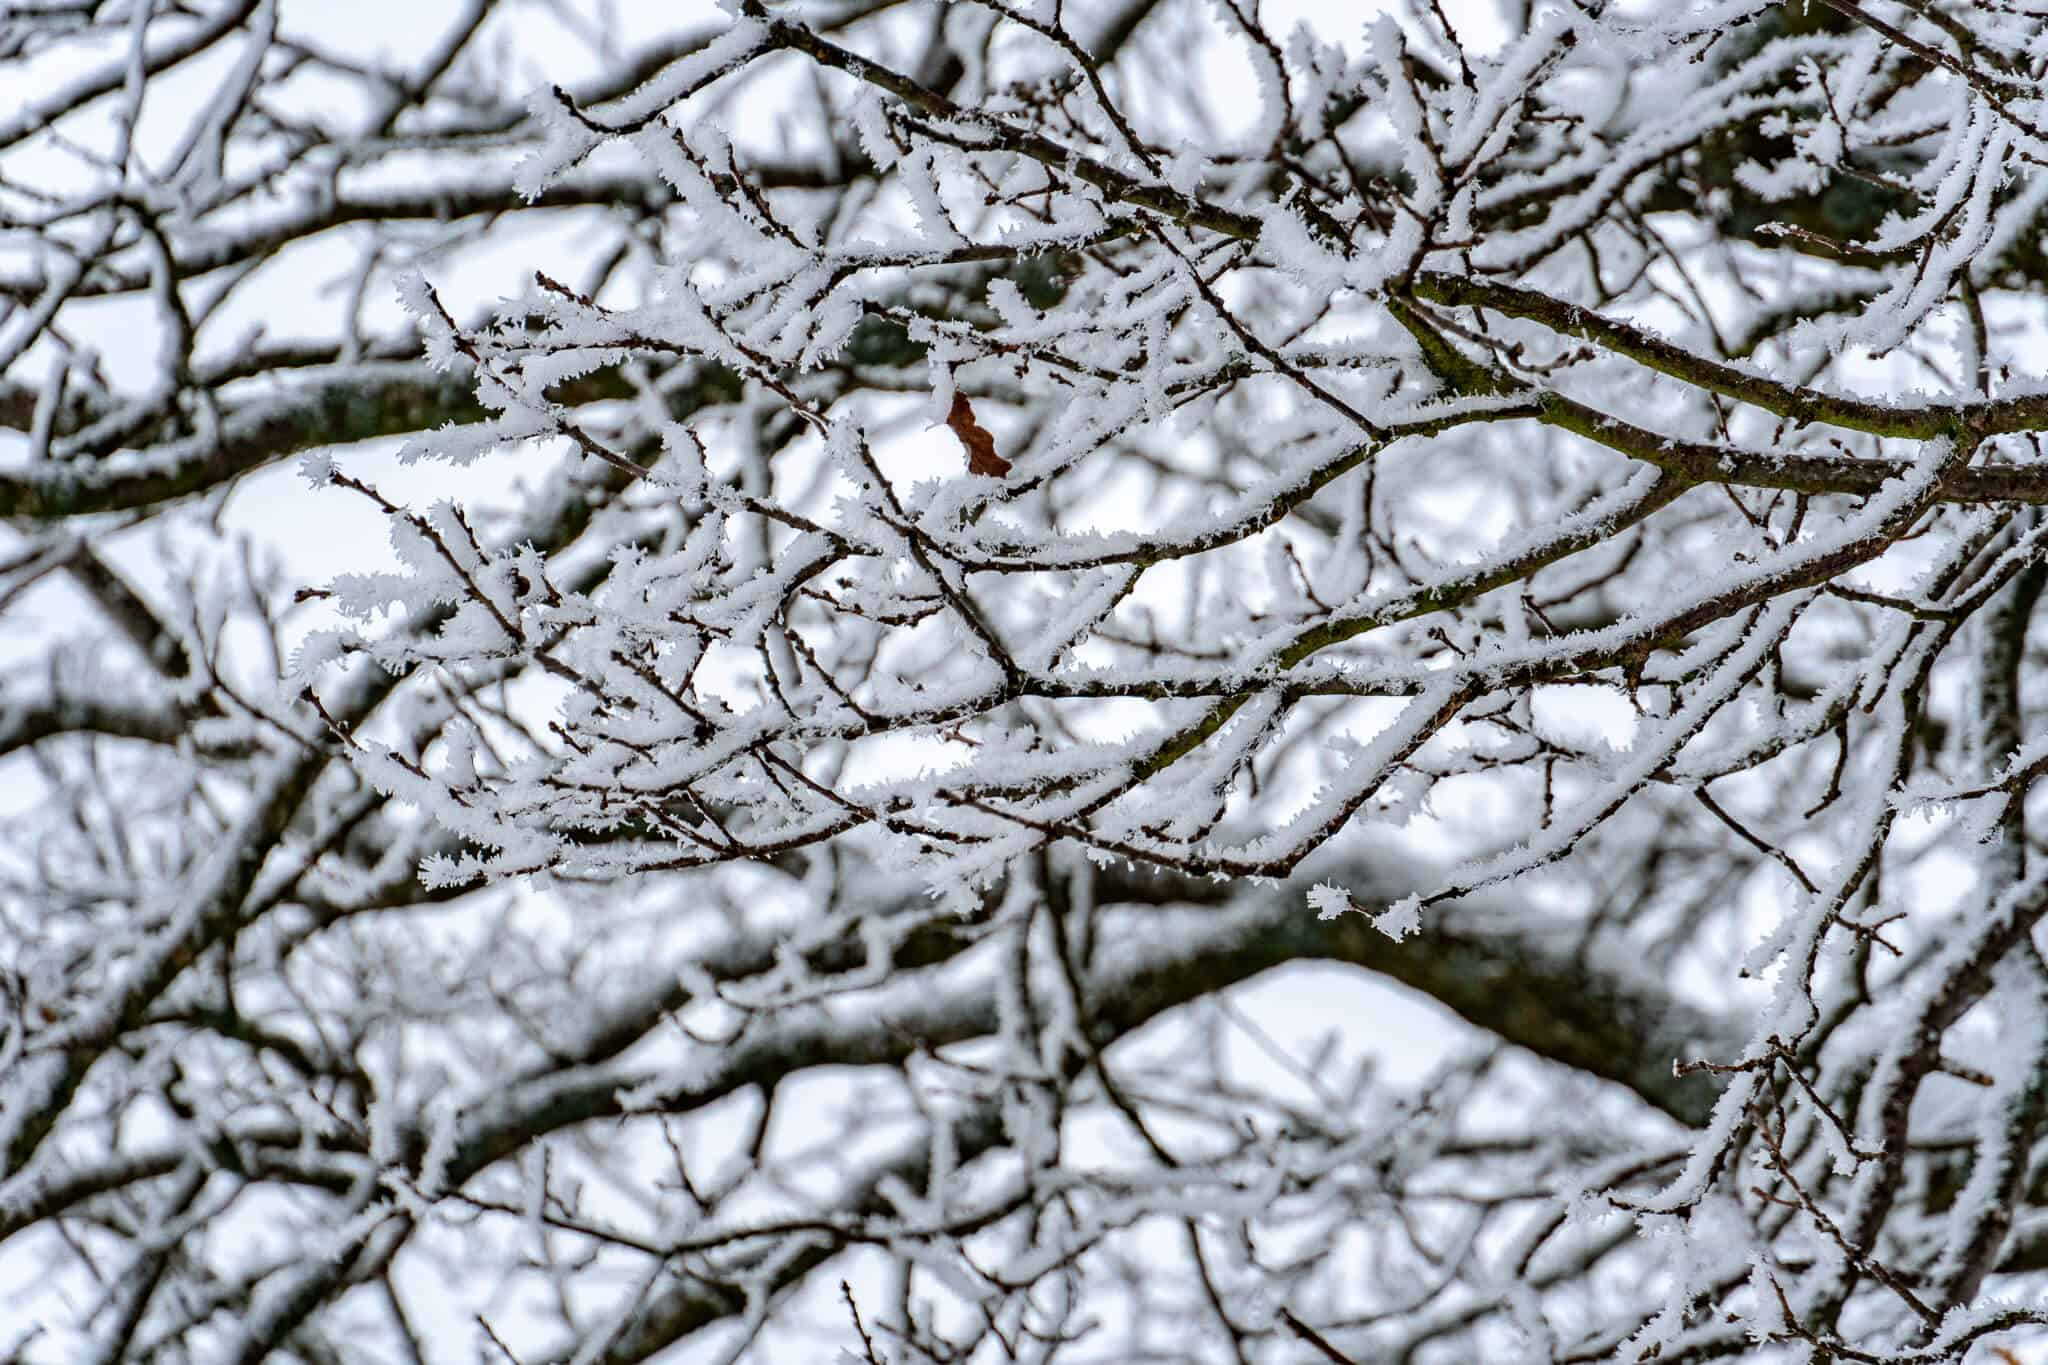 Schnee in den Zweigen